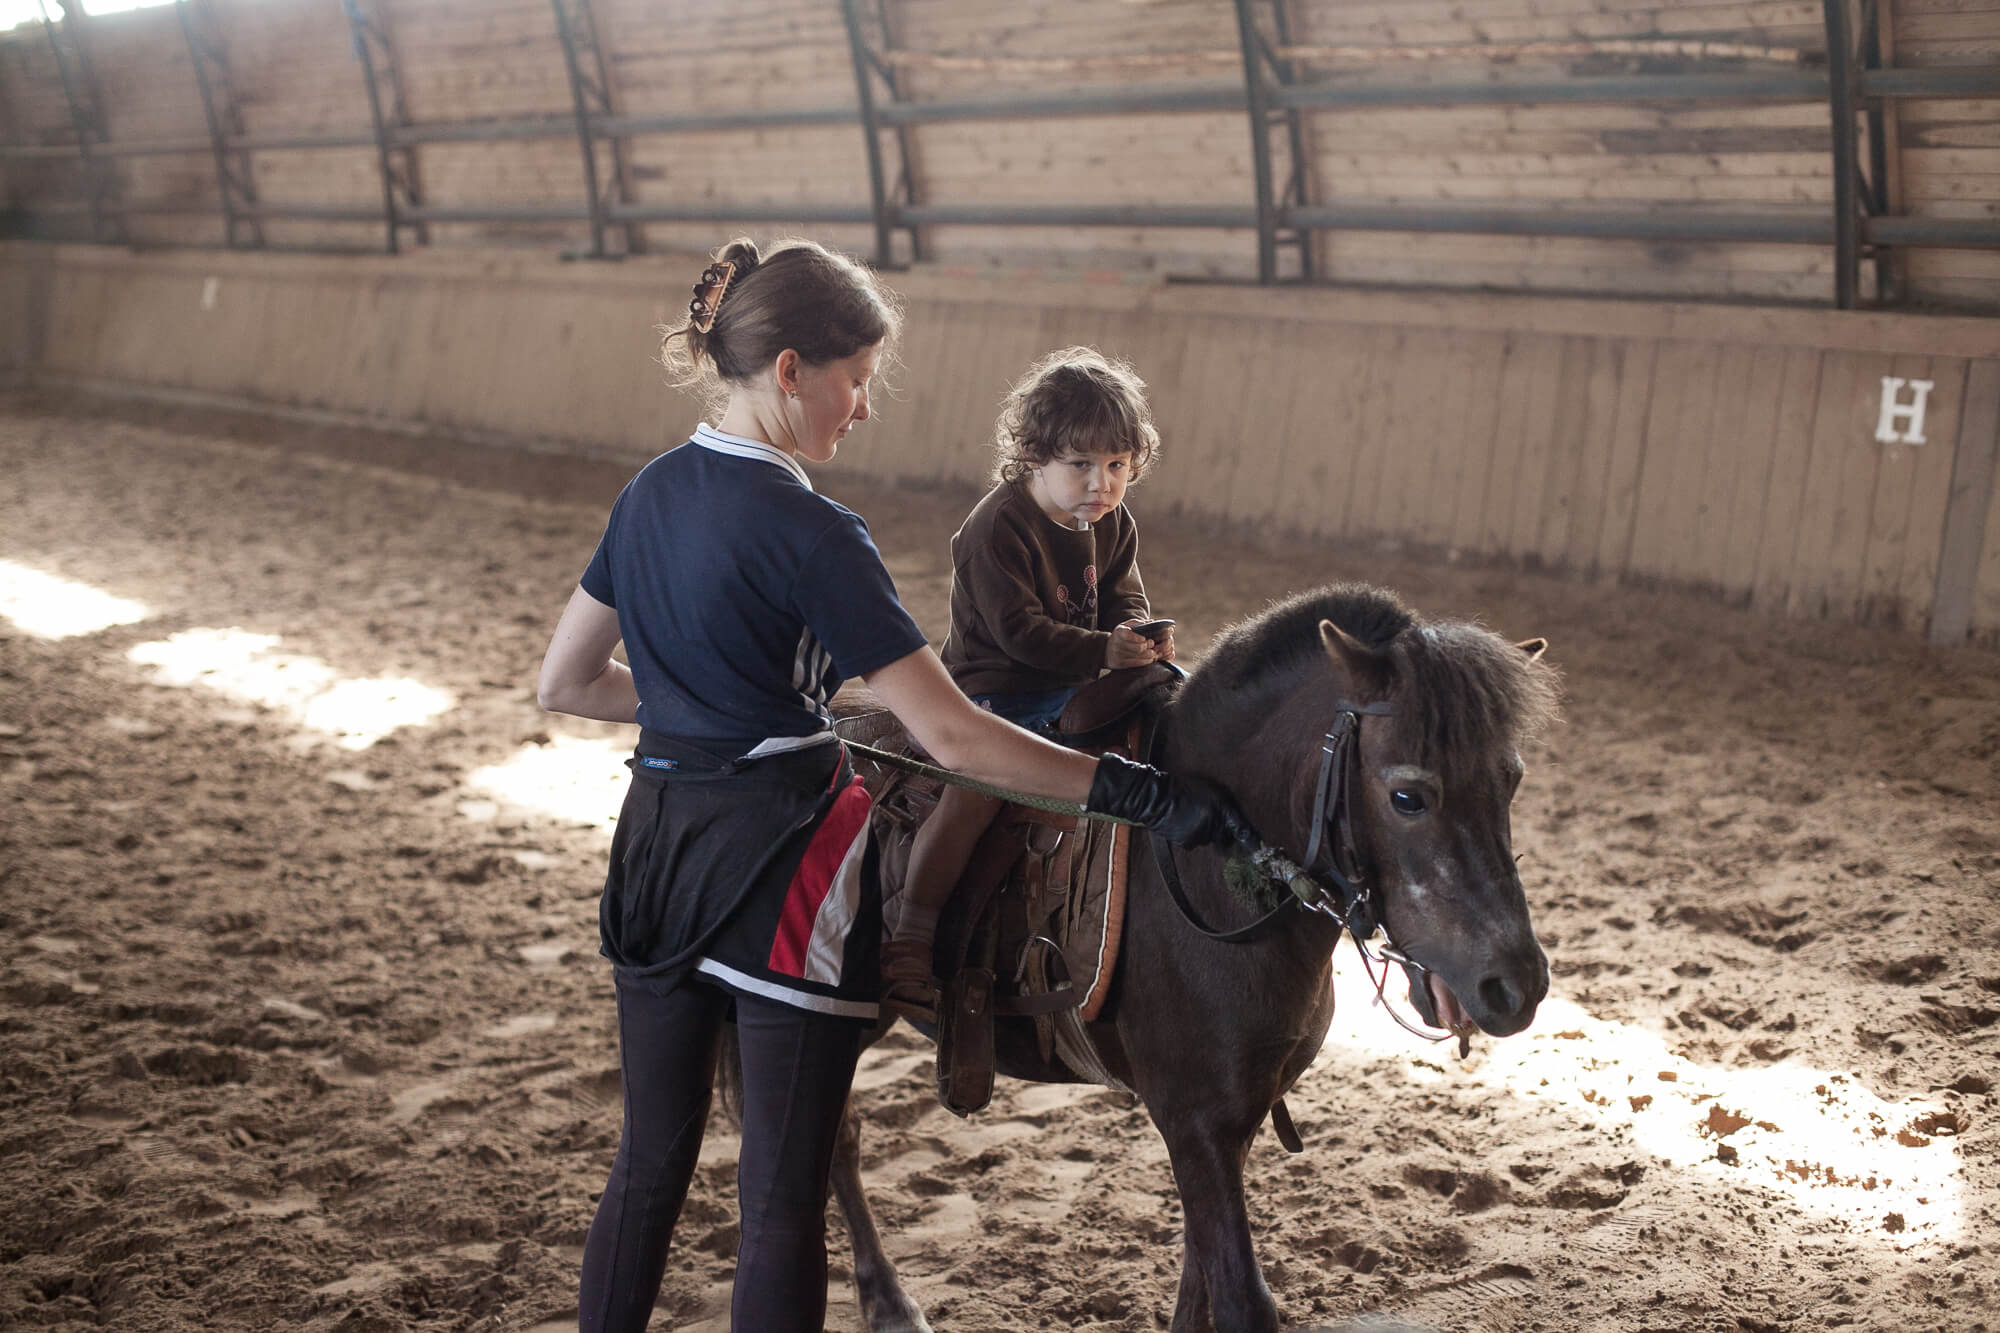 Катание в конном манеже в Подмосковье